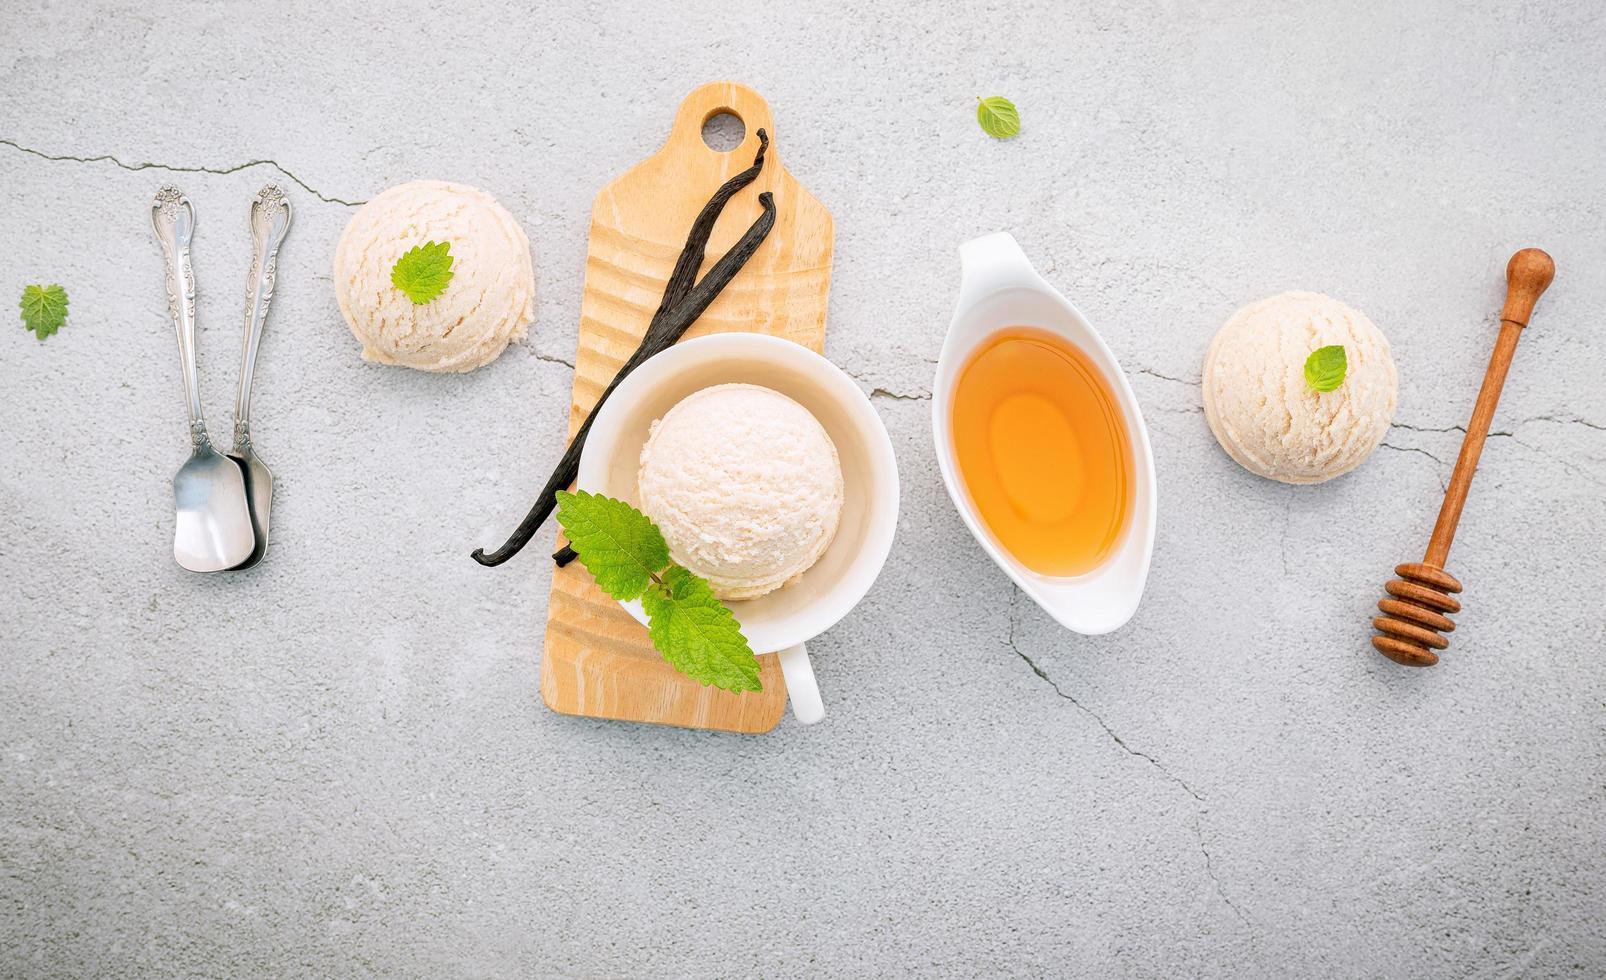 vanille-ijs smaak in kom met vanillestokjes en honing foto